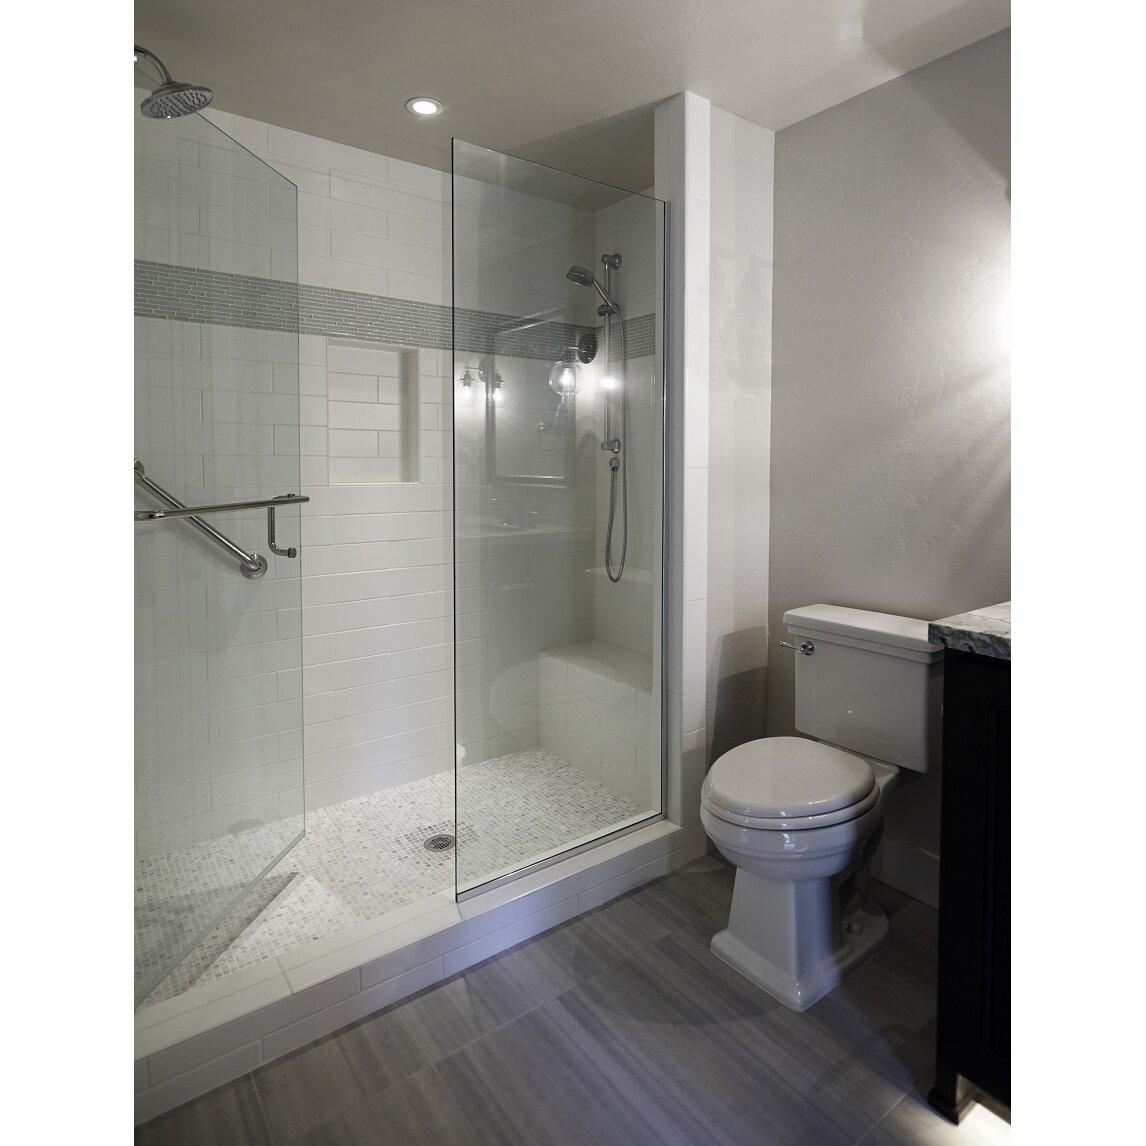 Brilliant 30 bathroom tile quarter round inspiration of how to bathroom tile quarter round bathroom tile quarter round bathroom design concept dailygadgetfo Gallery